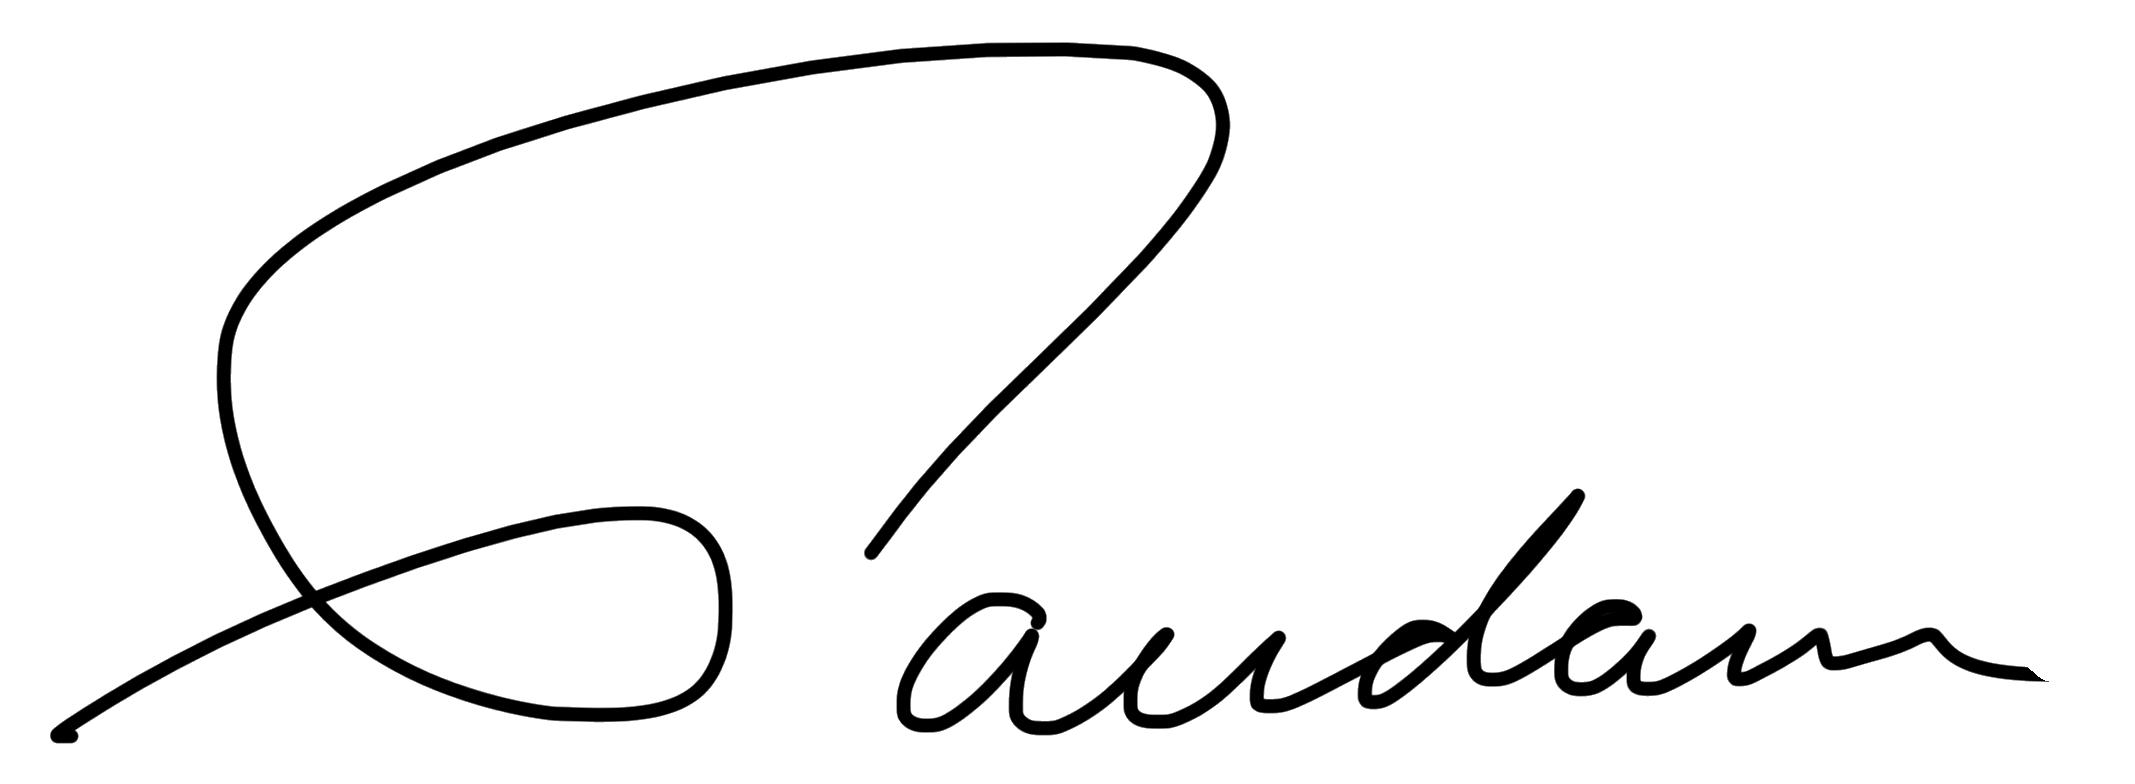 Mike Gaudaur's Signature